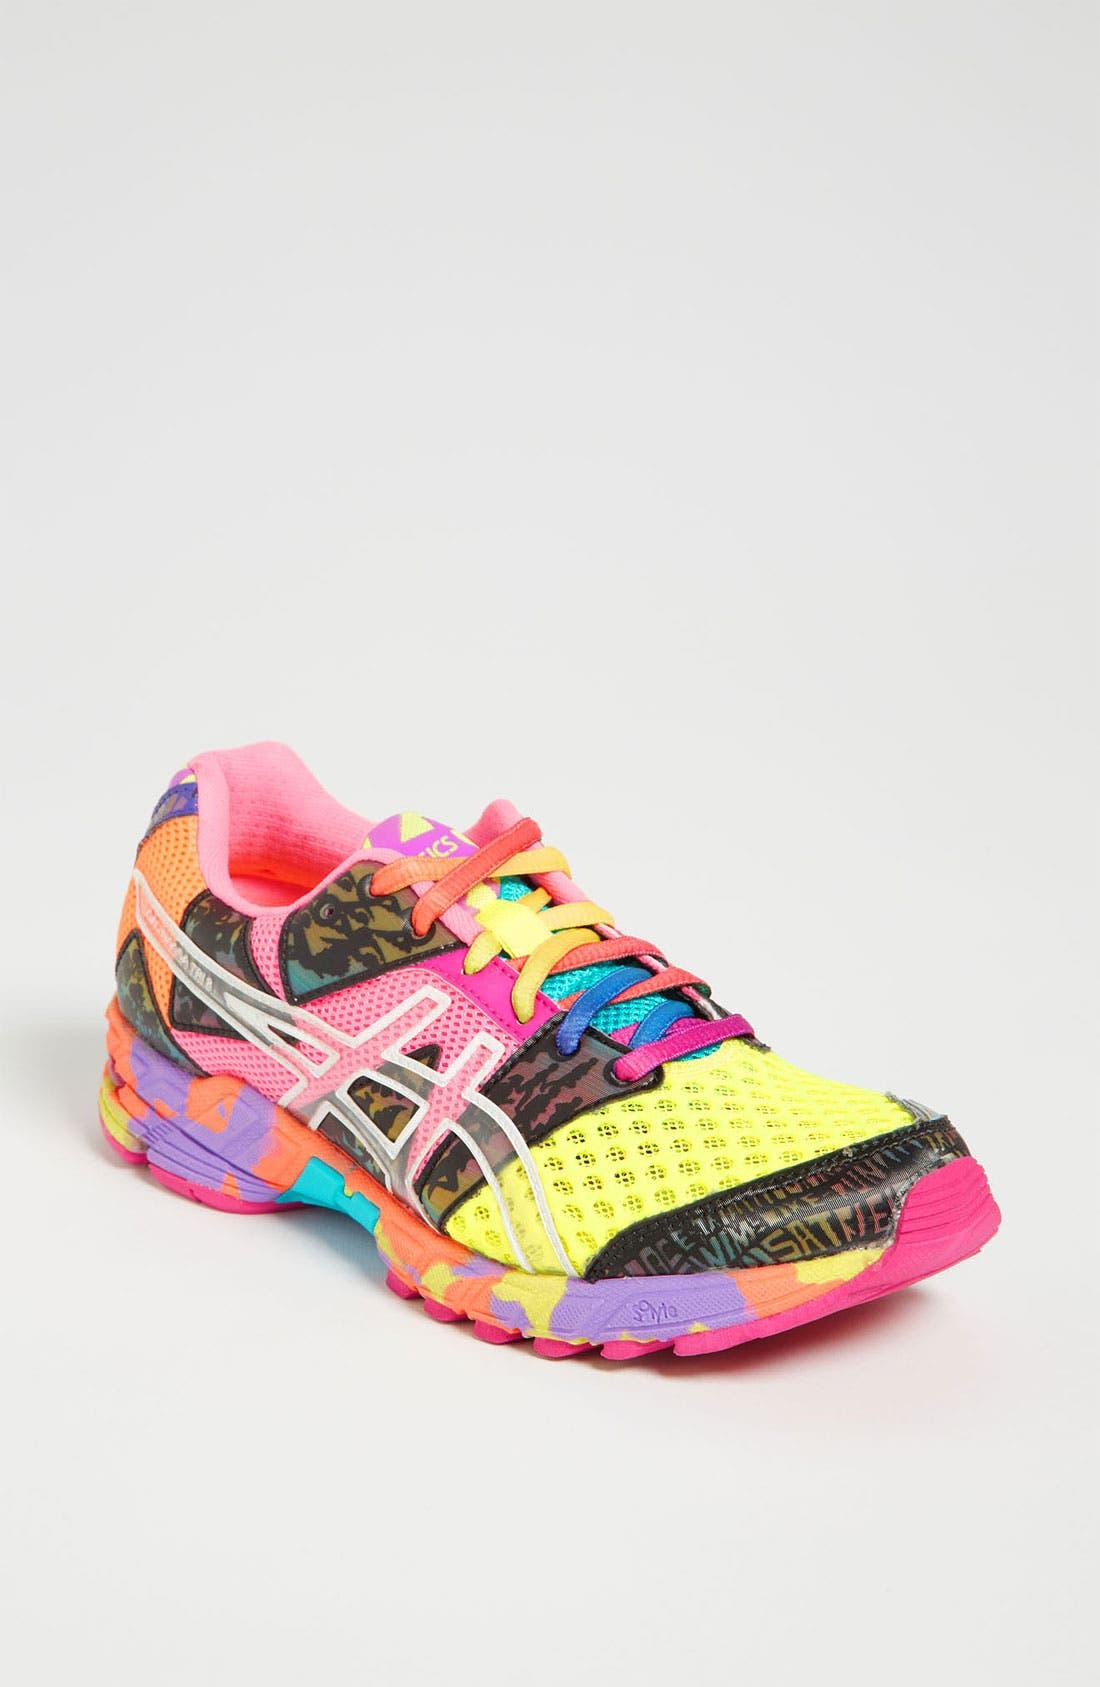 Alternate Image 1 Selected - ASICS® 'GEL-Noosa Tri 8' Running Shoe (Women)